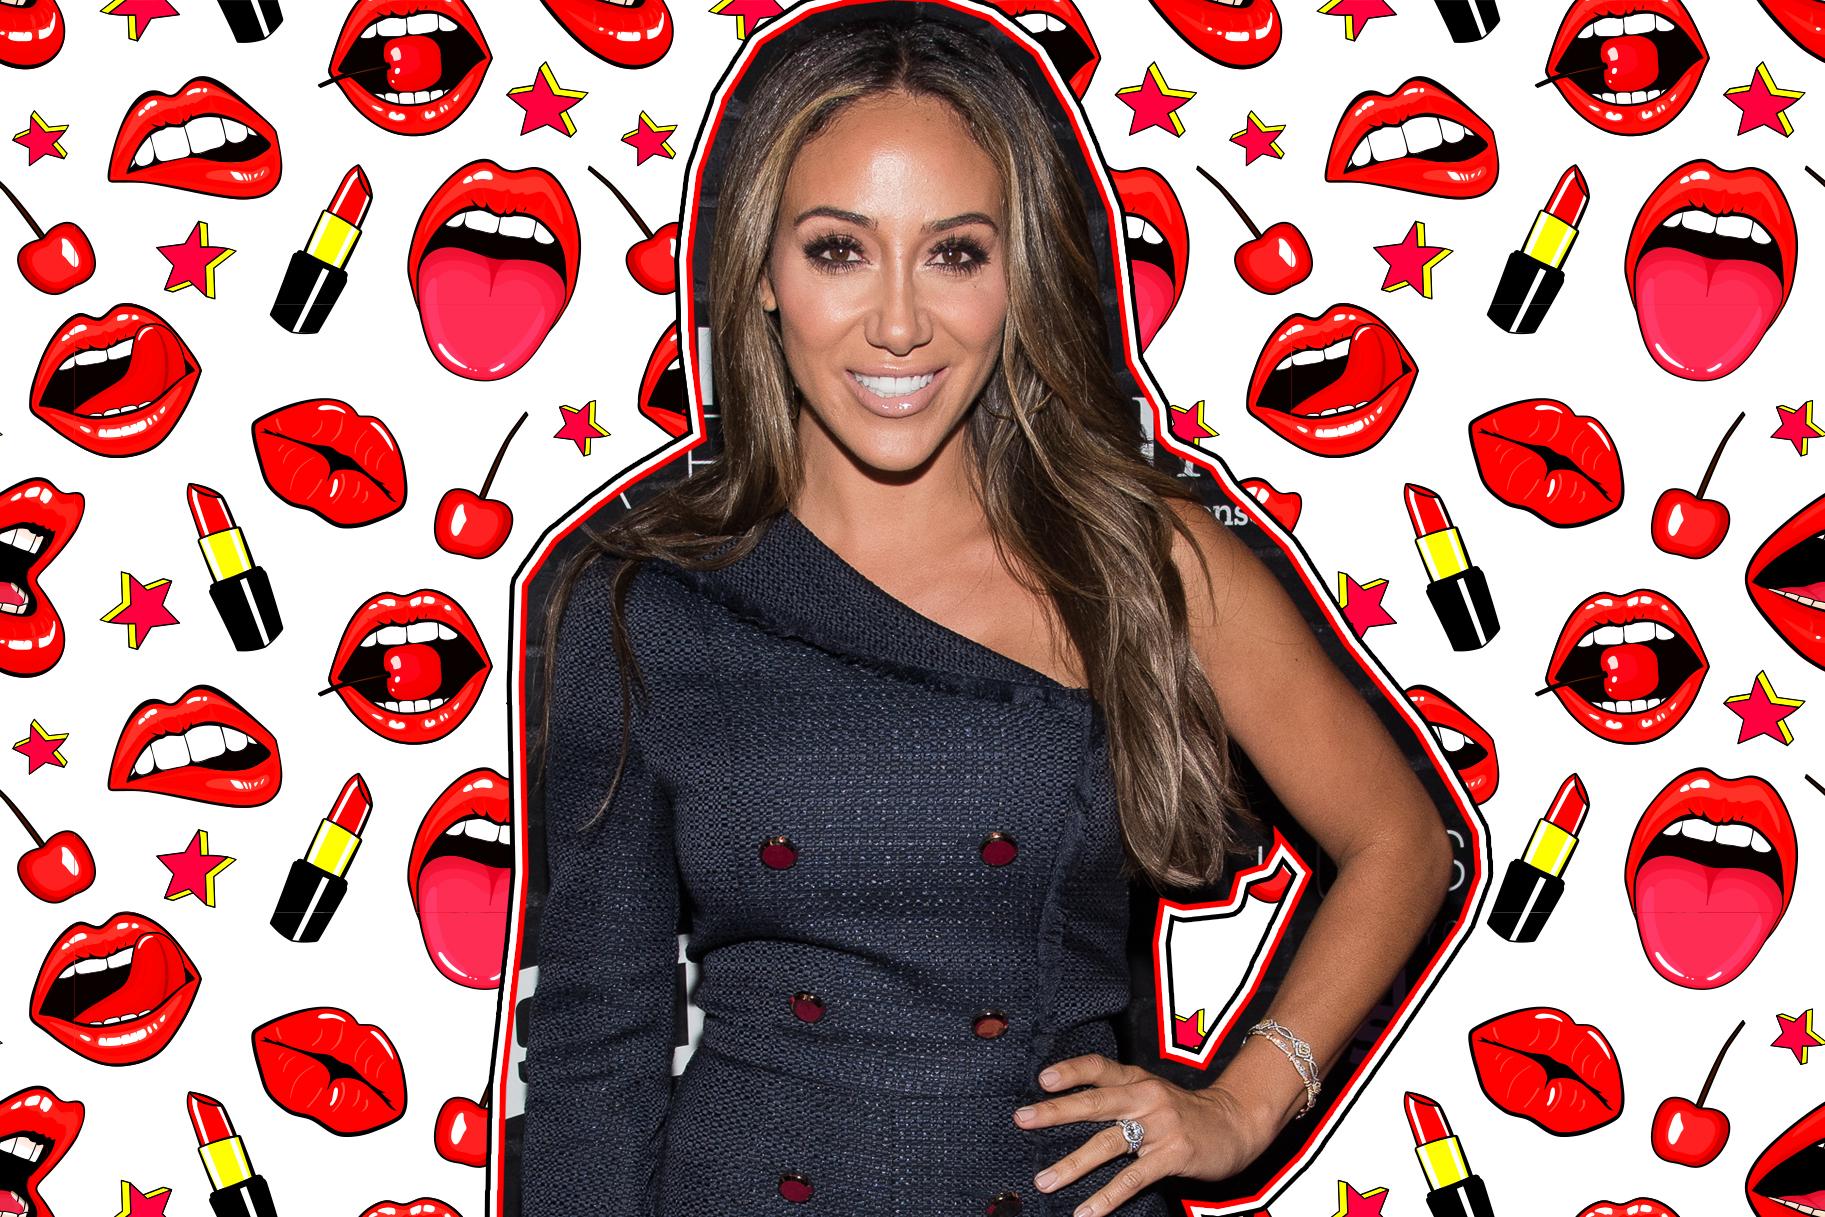 RHONJ's Melissa Gorga Wears Jennifer Lopez-Inspired Makeup